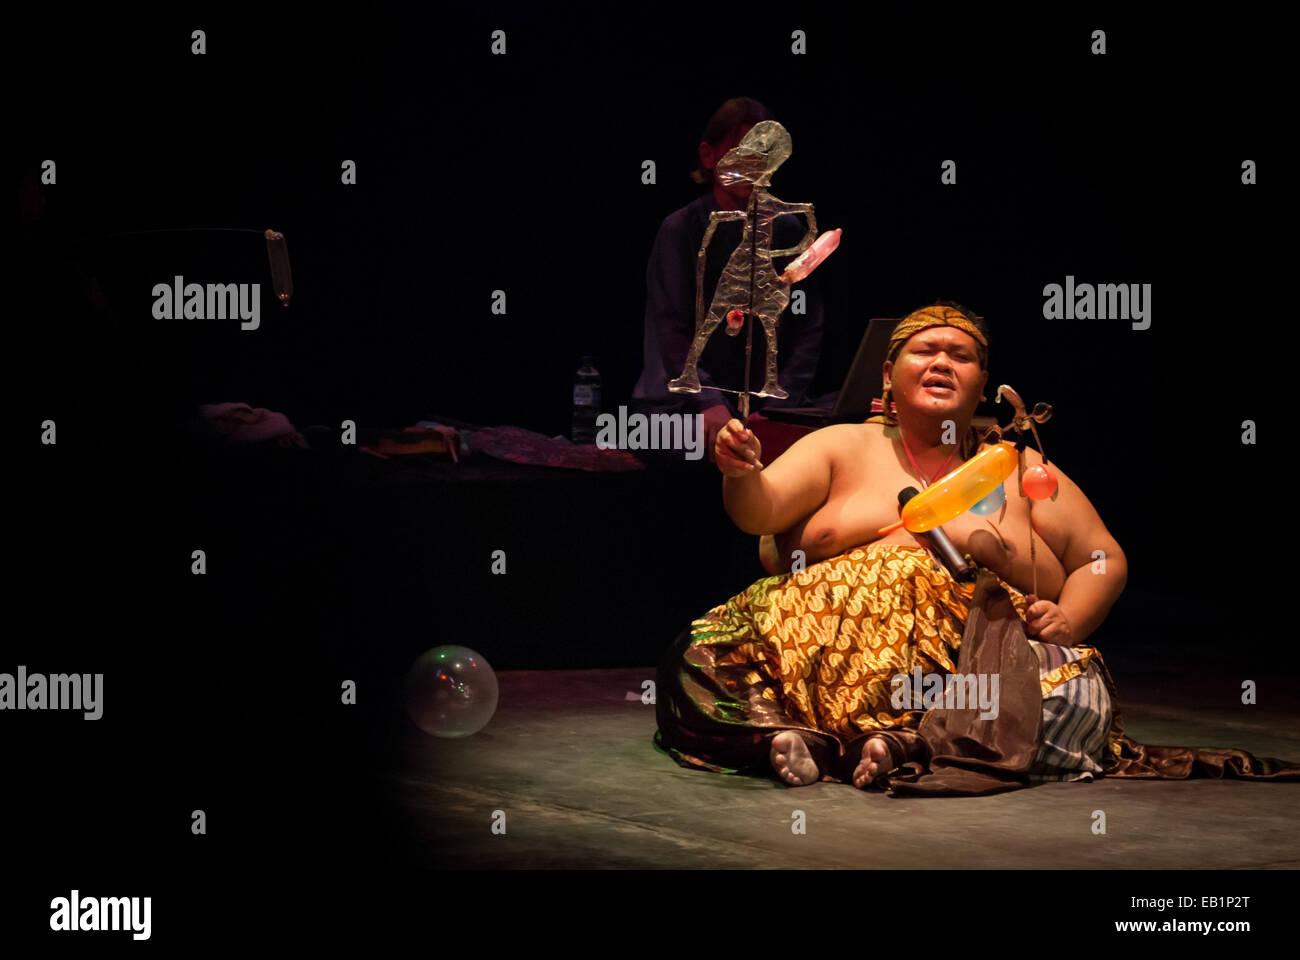 Slamet Gundono, späten indonesischen zeitgenössischen Puppenspieler während einer Show am Salihara Stockbild